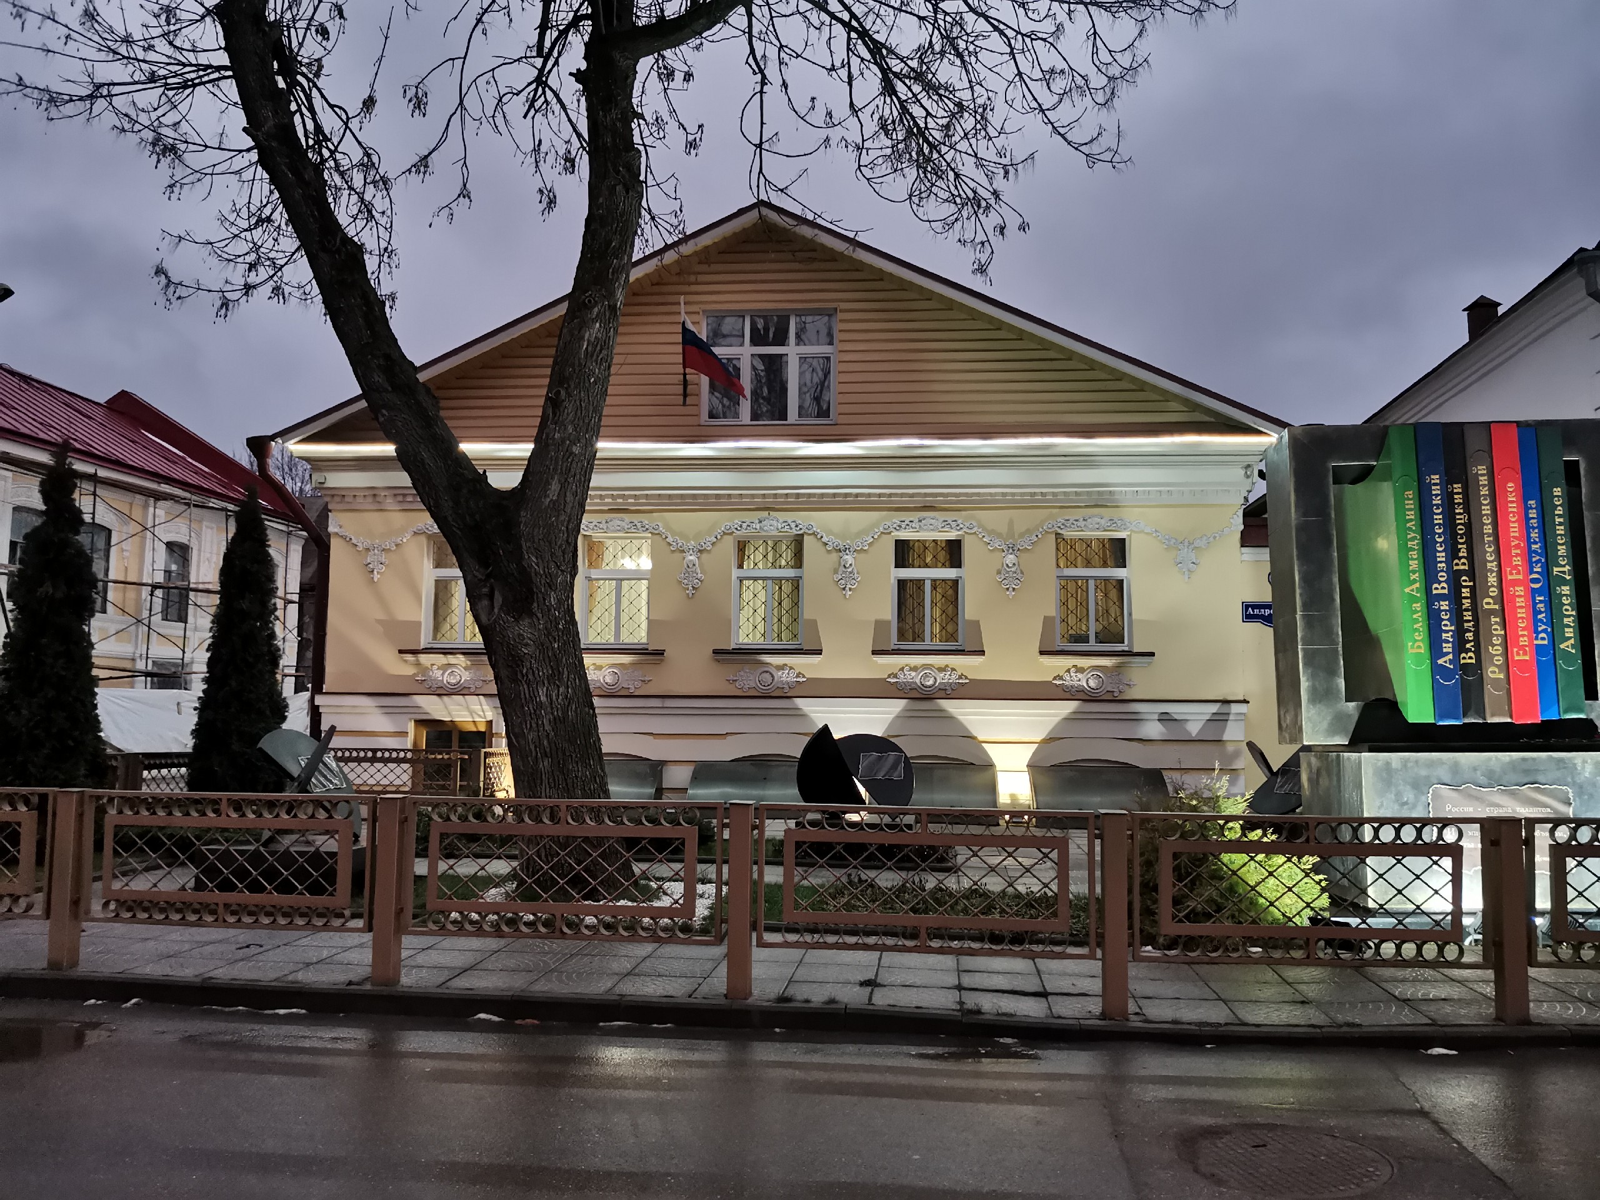 Дом поэзии Андрея Дементьева и галерея Ильи Глазунова проводя совместную выставку в Твери